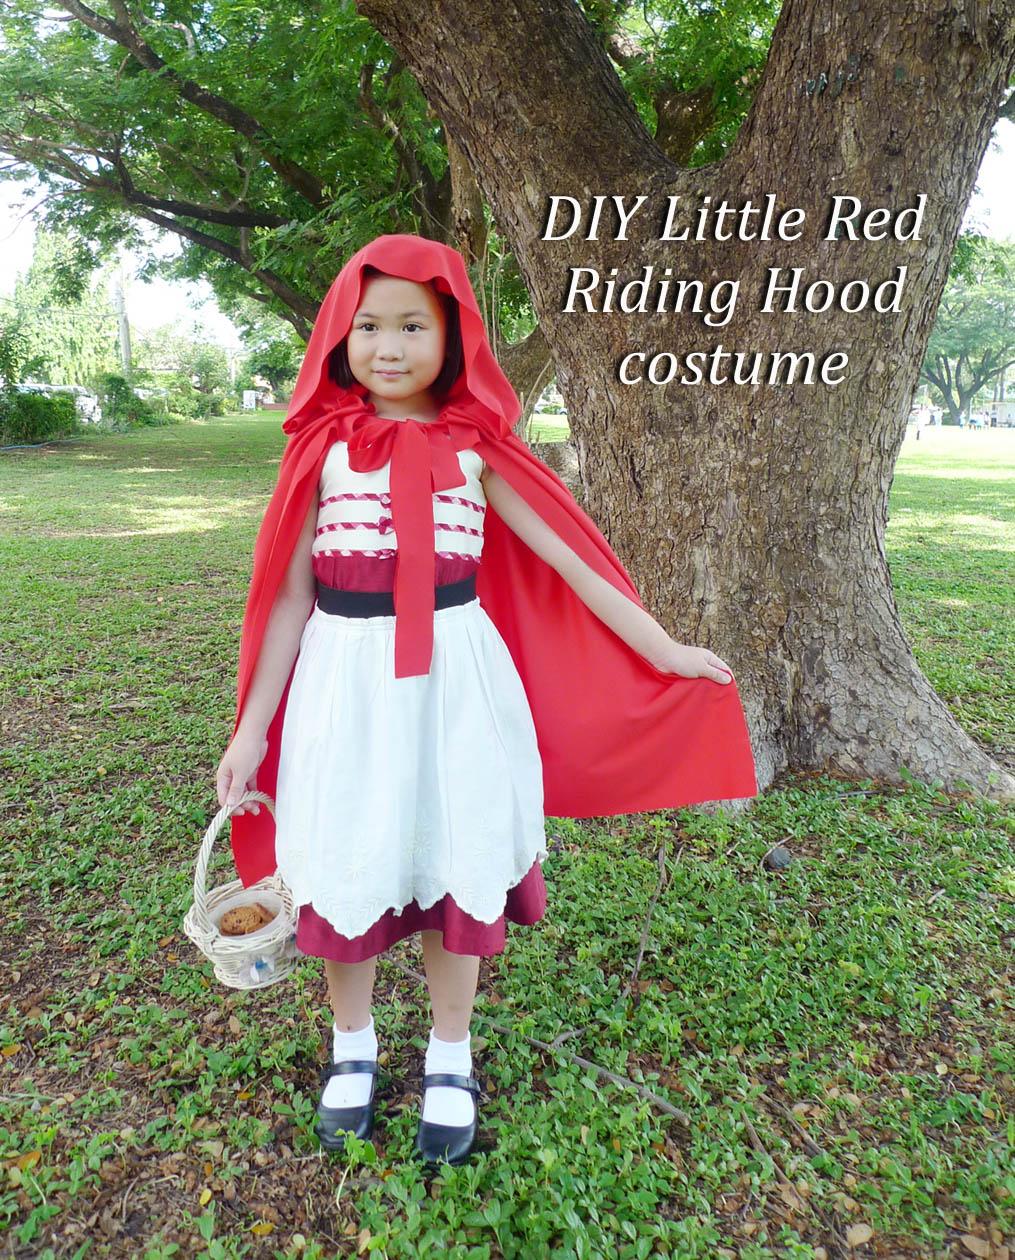 Mrsmommyholic Diy Little Red Riding Hood Costume